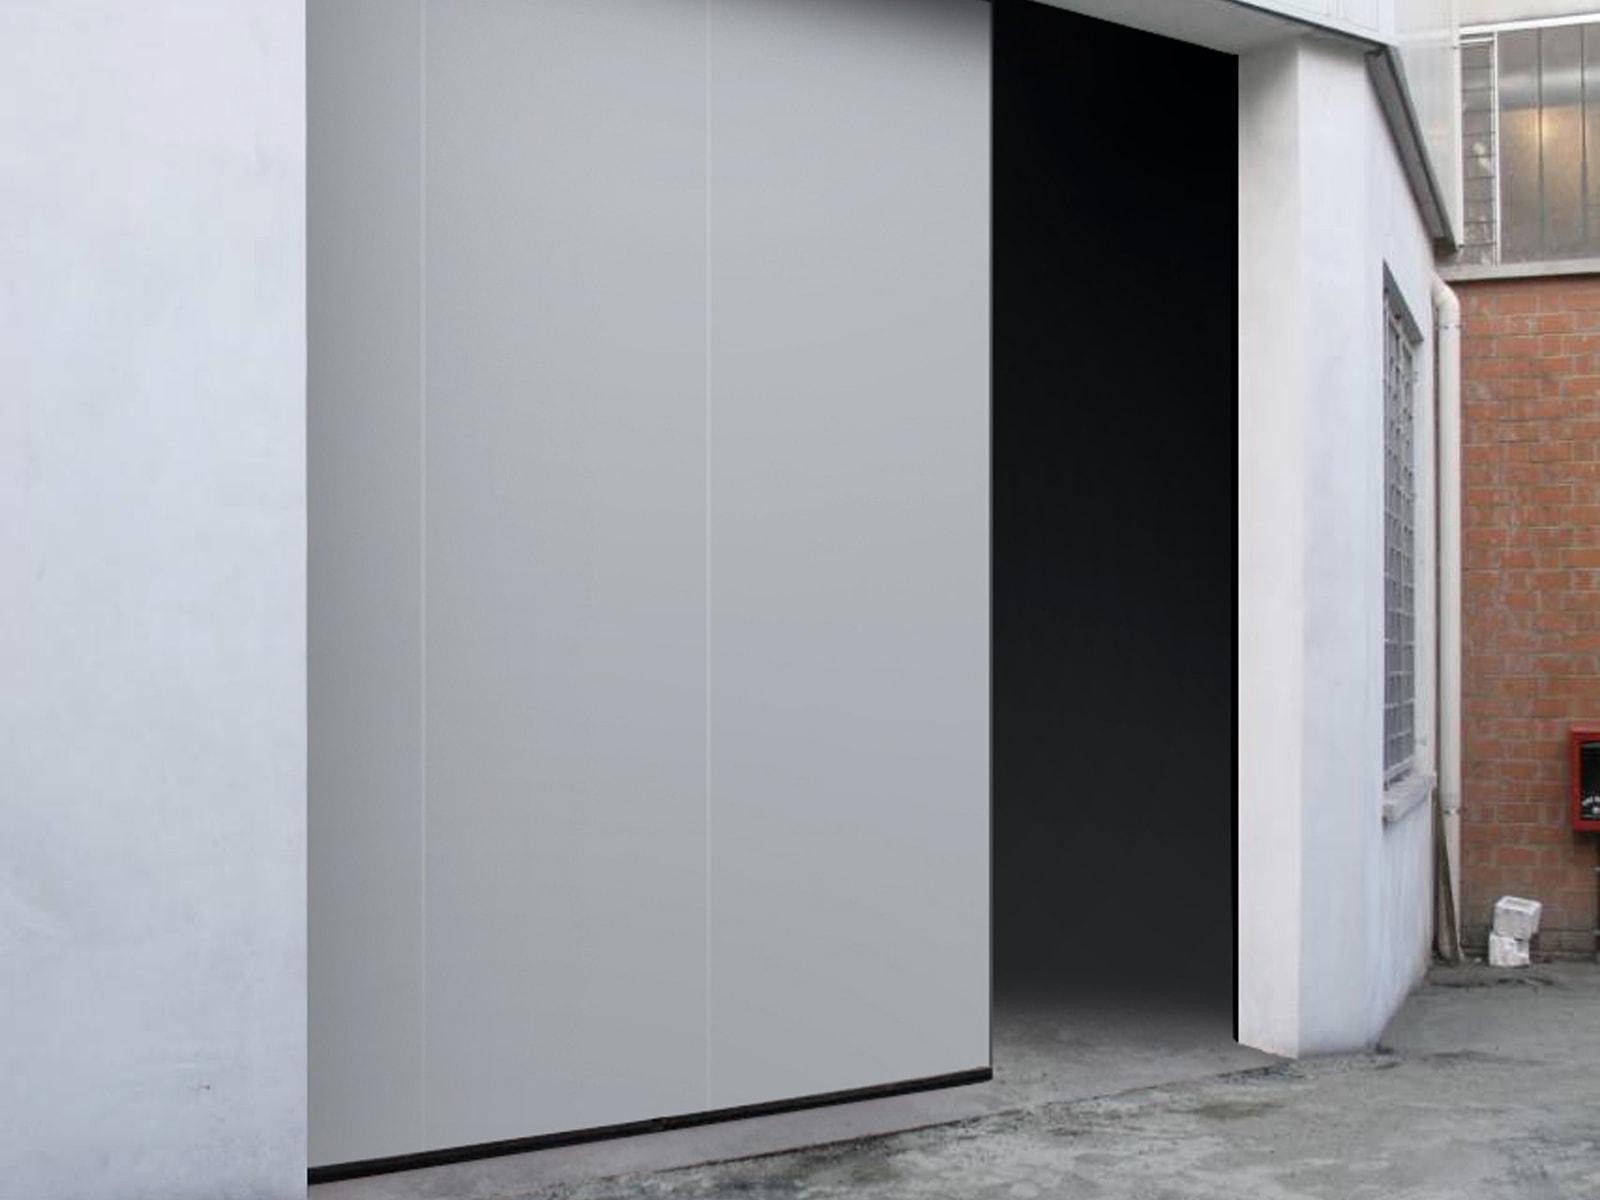 Portone scorrevole industriale ATLANTE - Bianco grigio